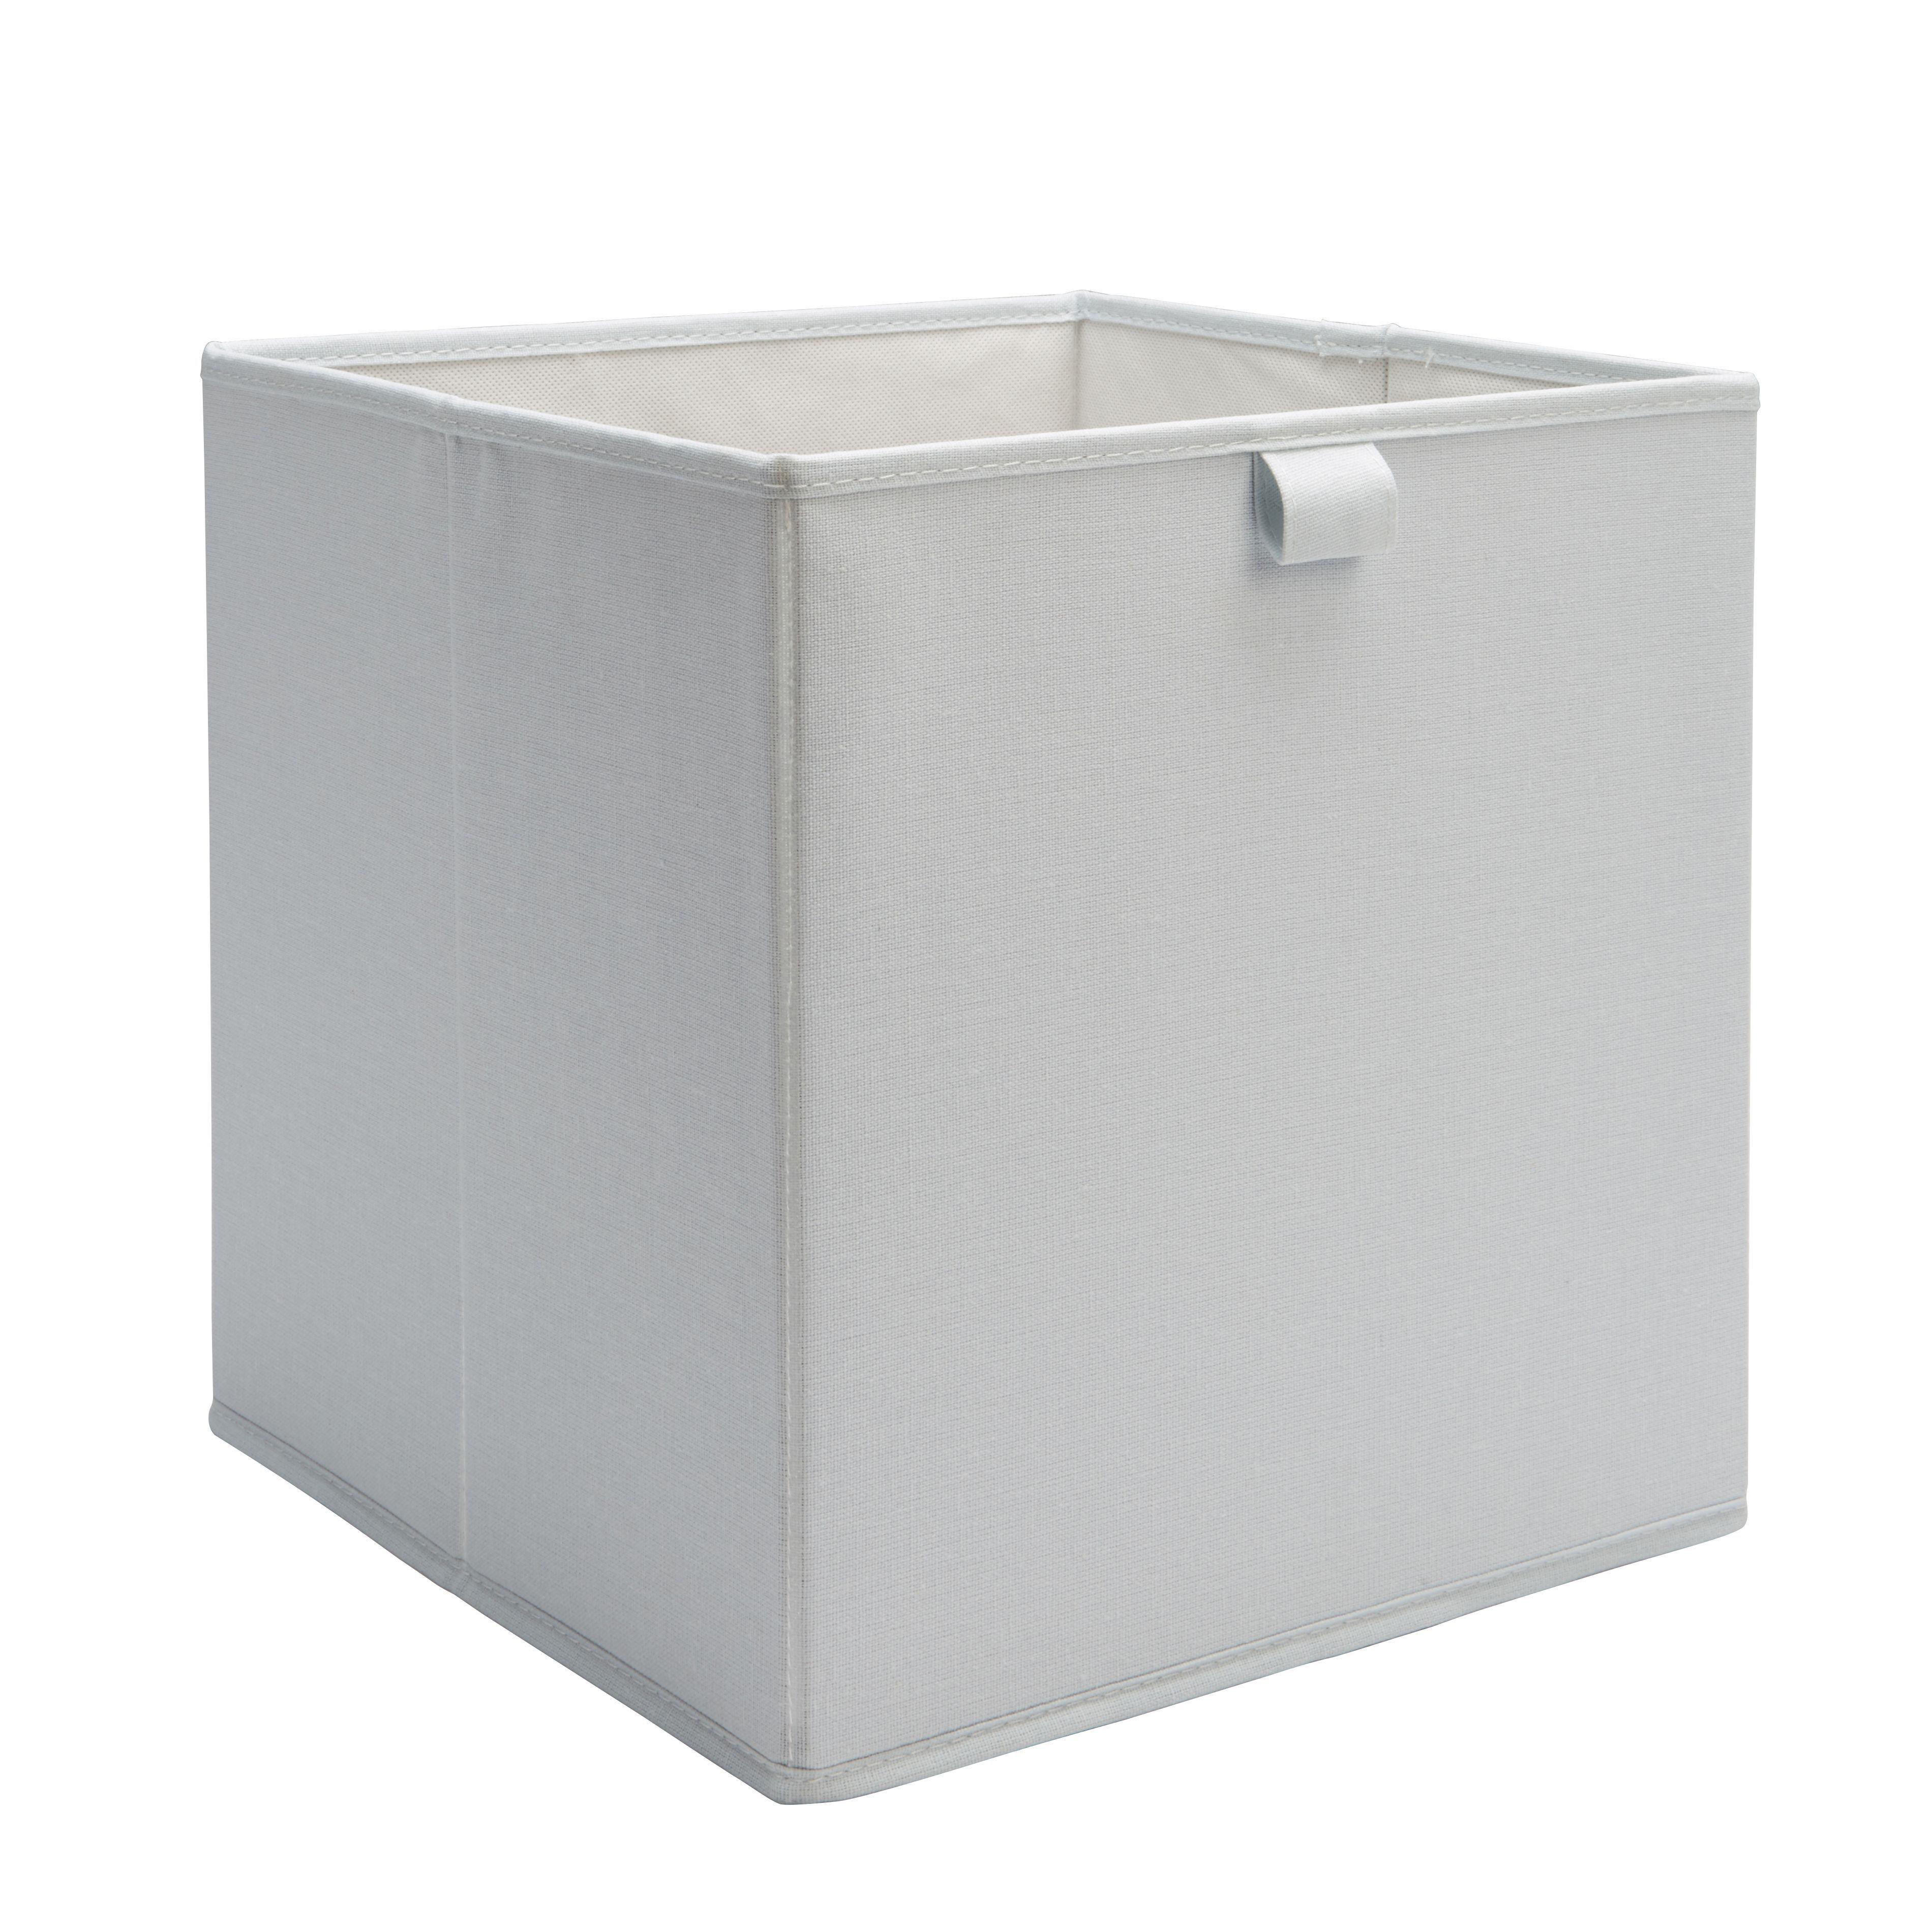 Form Mixxit Soft Baby Blue Storage Basket (w)310mm